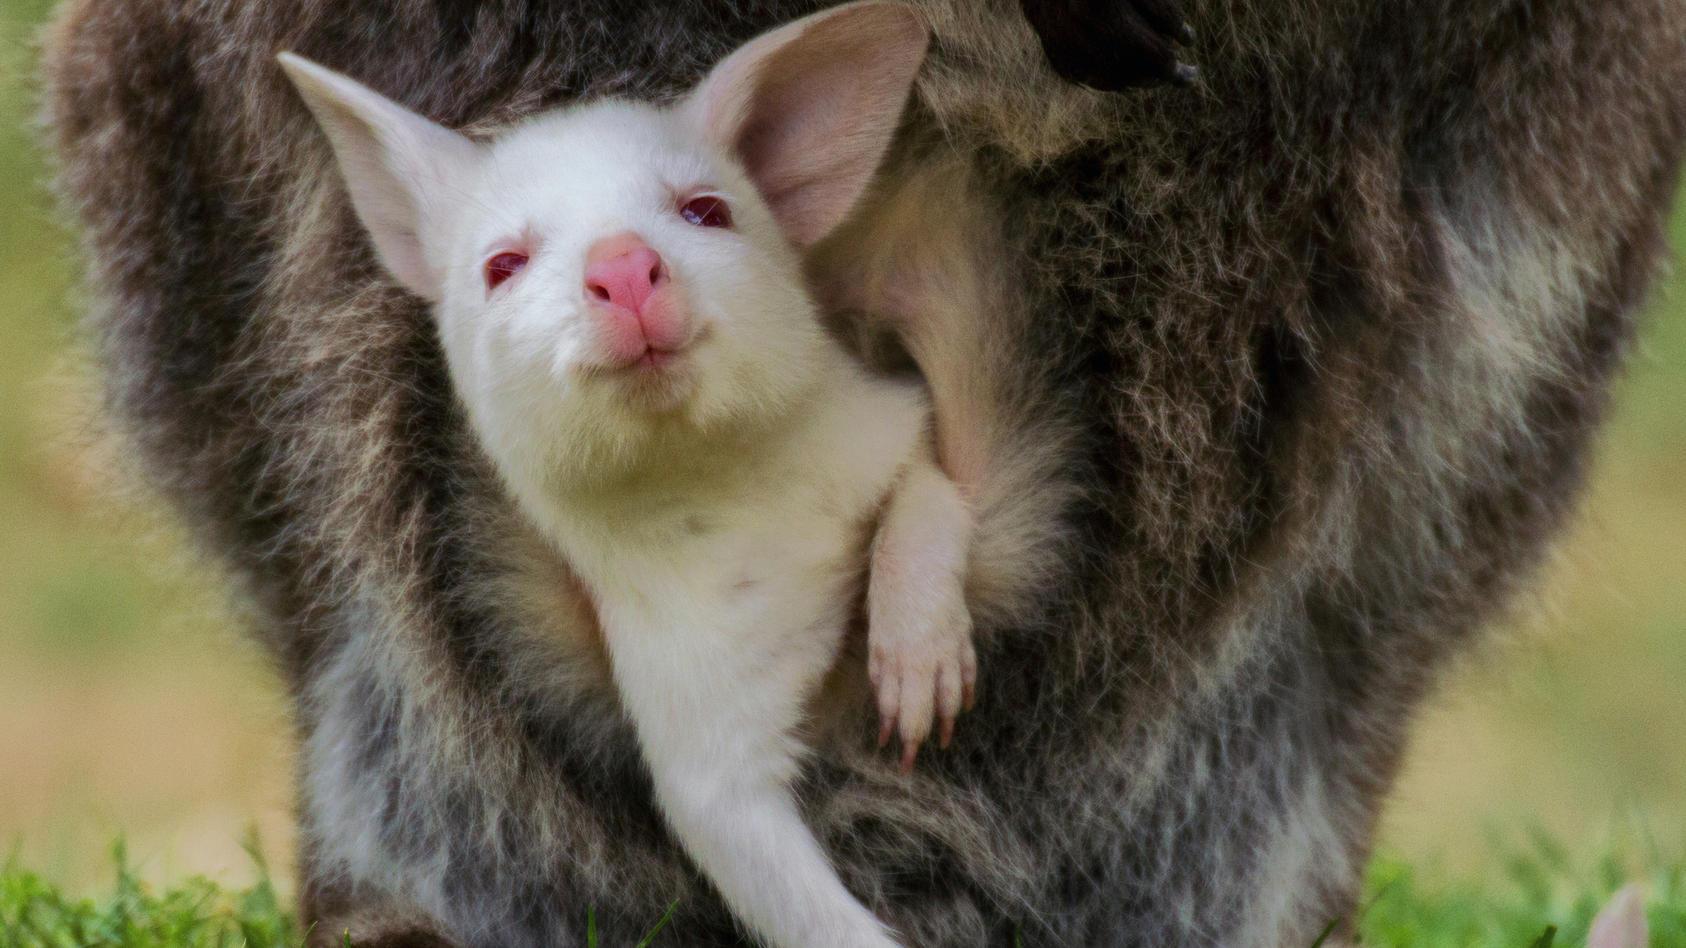 Ein Albino-Känguru-Baby schaut aus dem Beutel seiner Mutter.